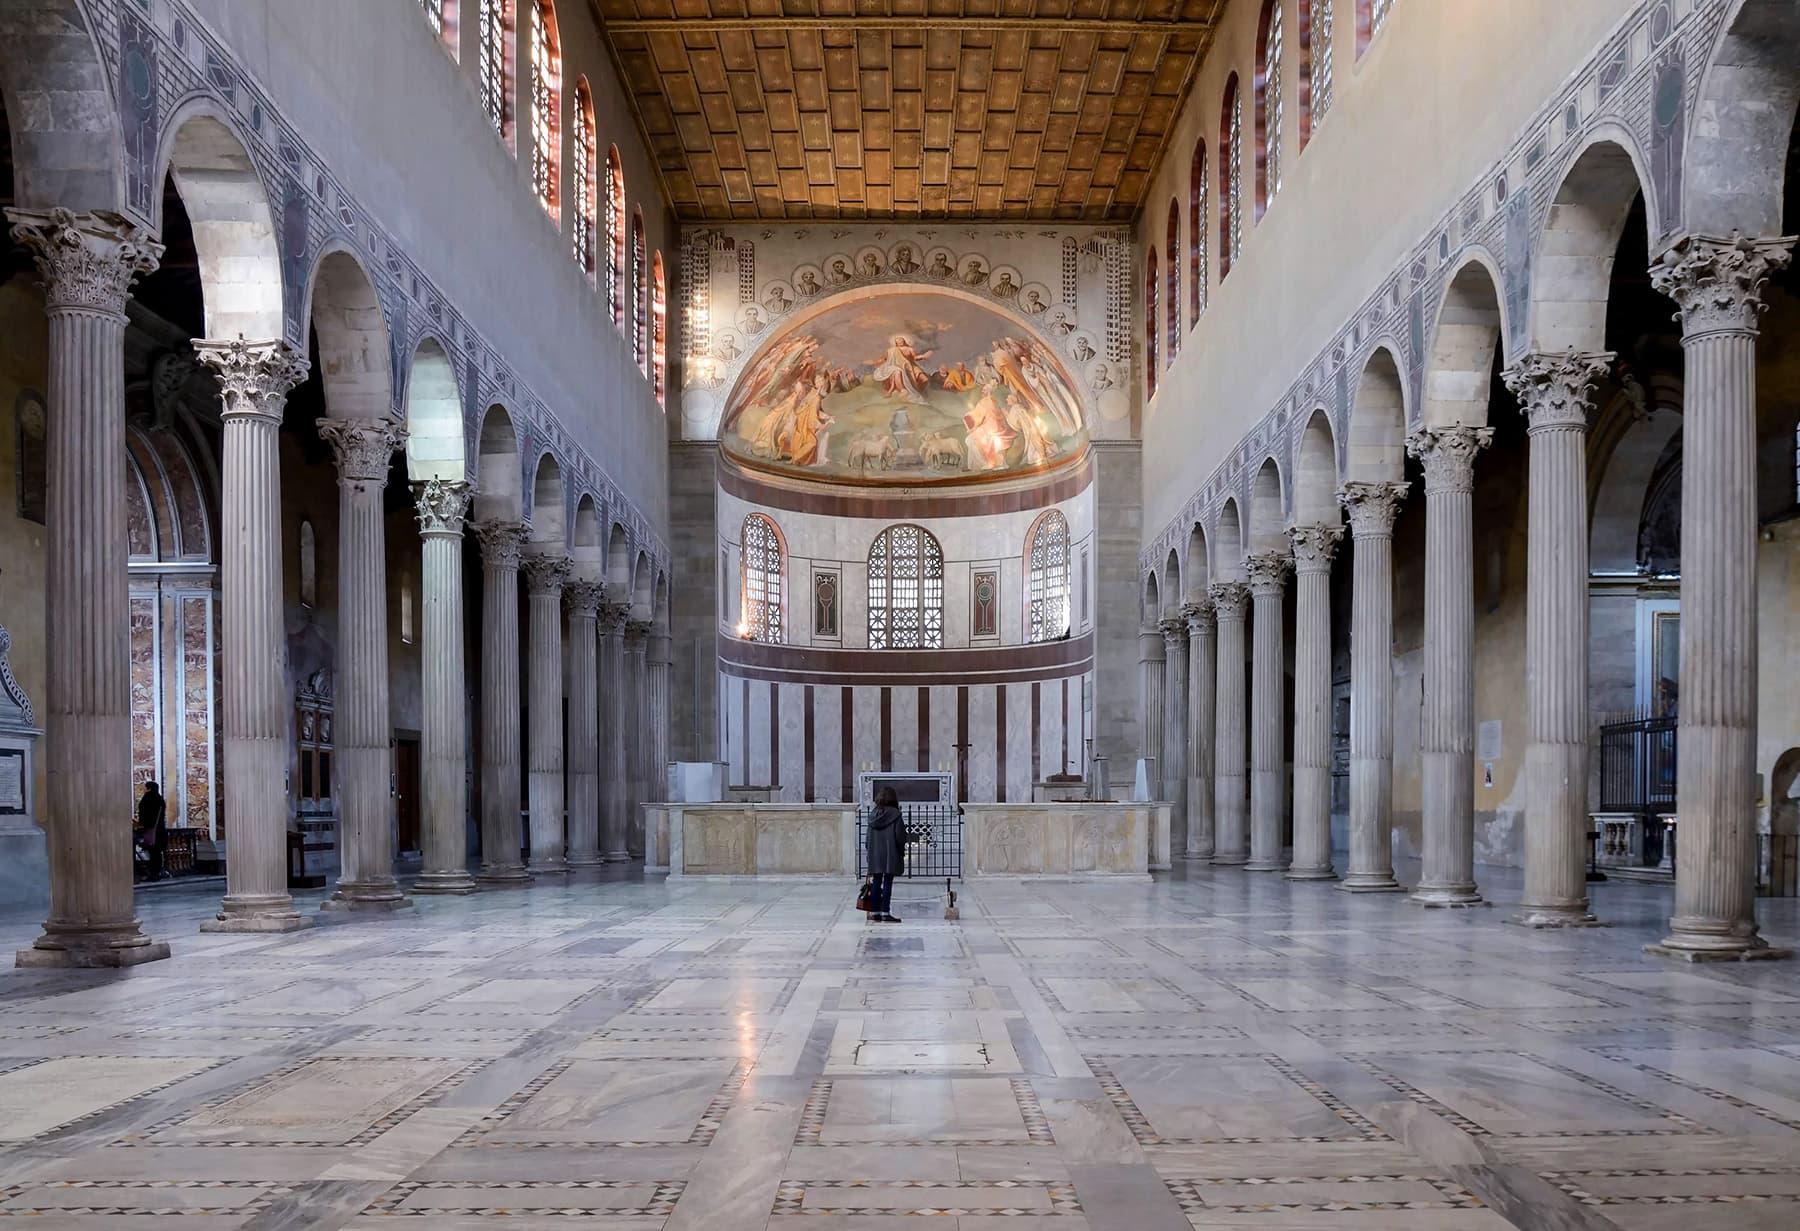 Достопримечательности Бари и окрестностей в Италии